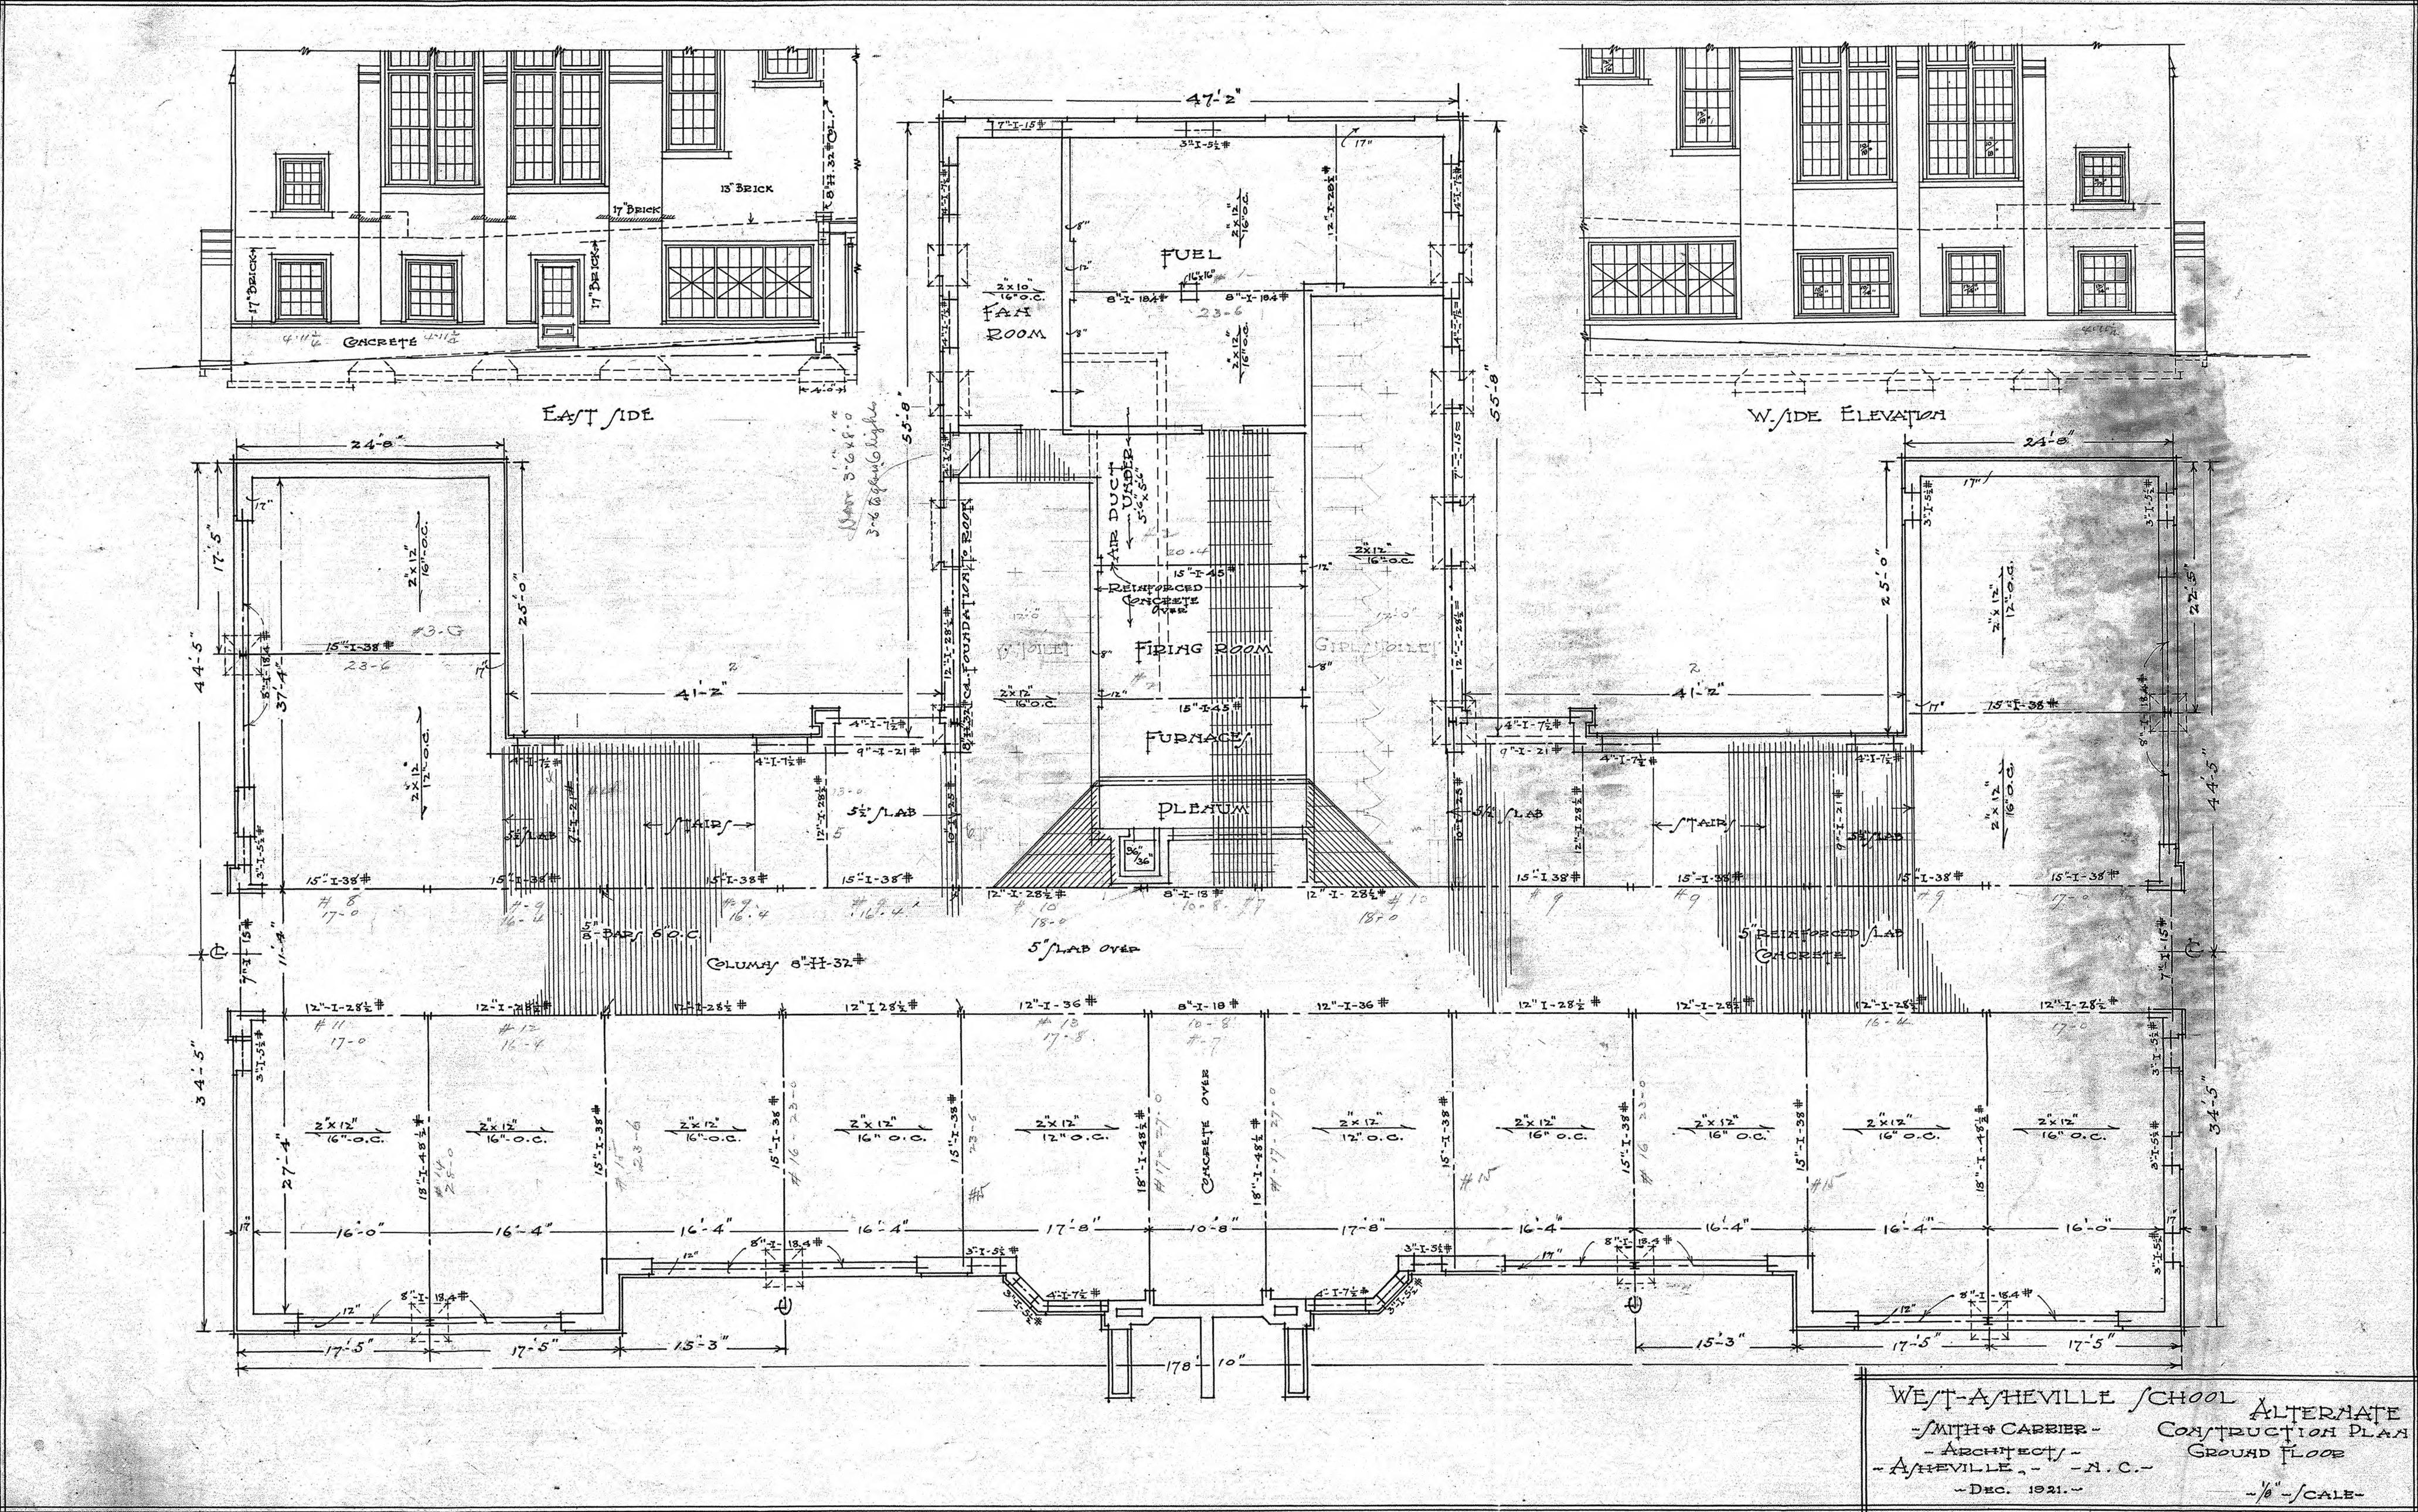 famous house interior designers building plans